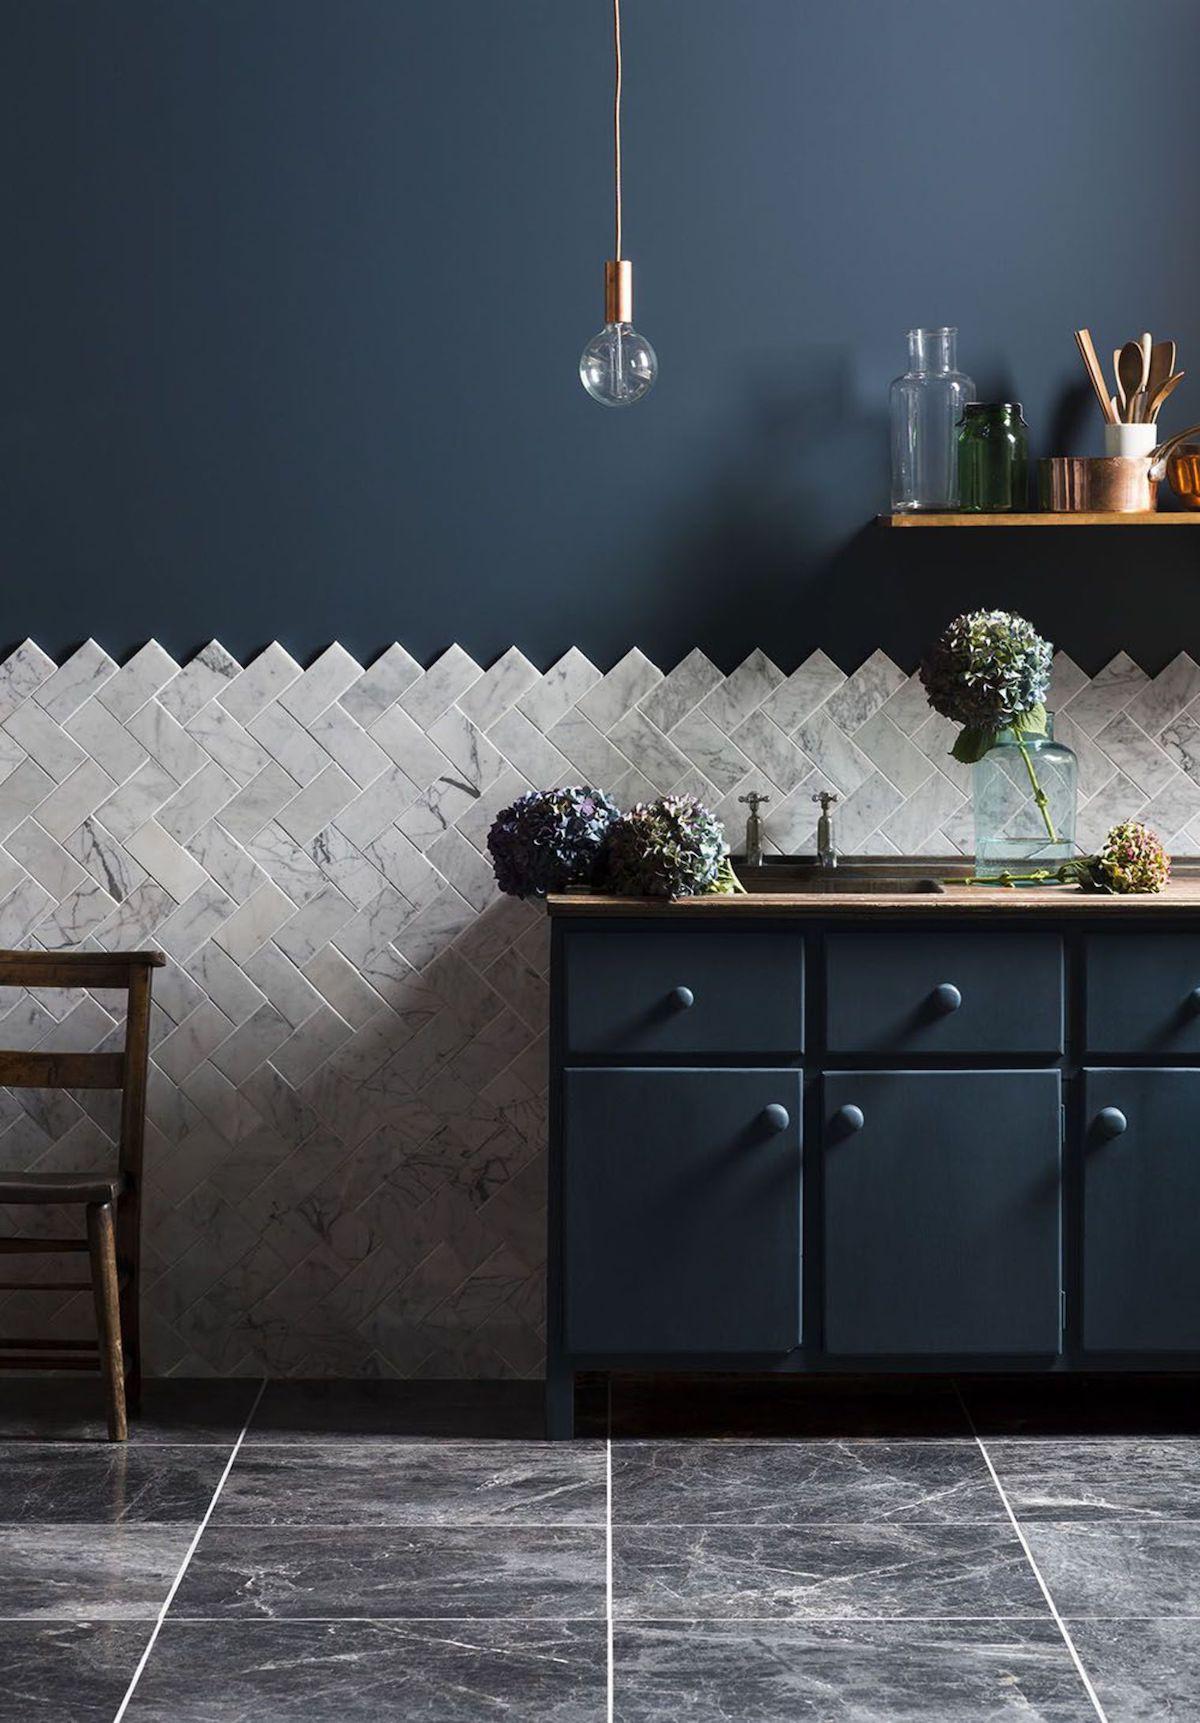 déco cuisine bleue foncé nuit marine carrelage marbre - blog déco - clem around the corner